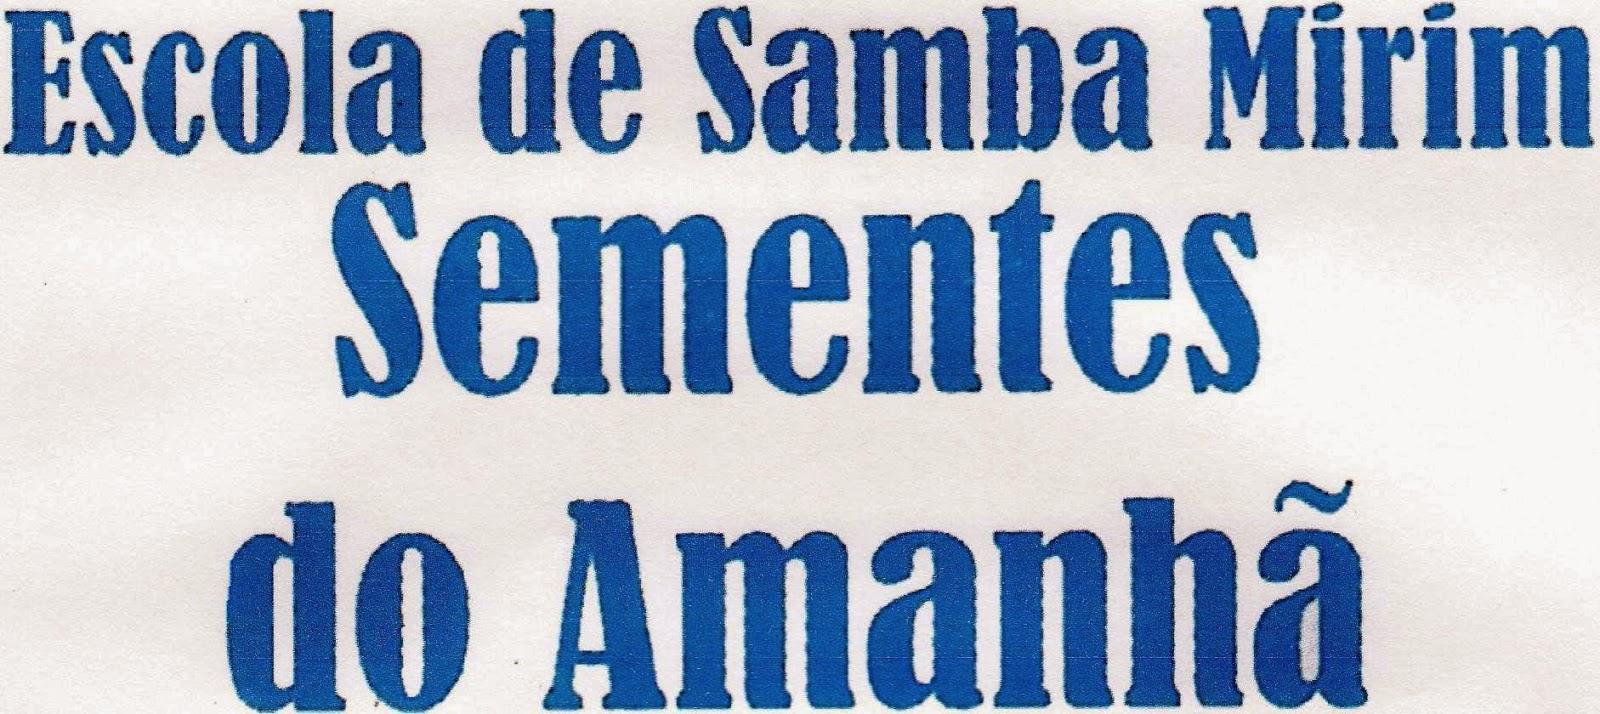 http://2.bp.blogspot.com/-P-IWMoBphlk/UzgdF6BngII/AAAAAAAACPc/c5tcf7qgoIY/s1600/ESCOLA+DE+SAMBA+MIRIM+SEMENTES+DO+AMANH%C3%83.JPG